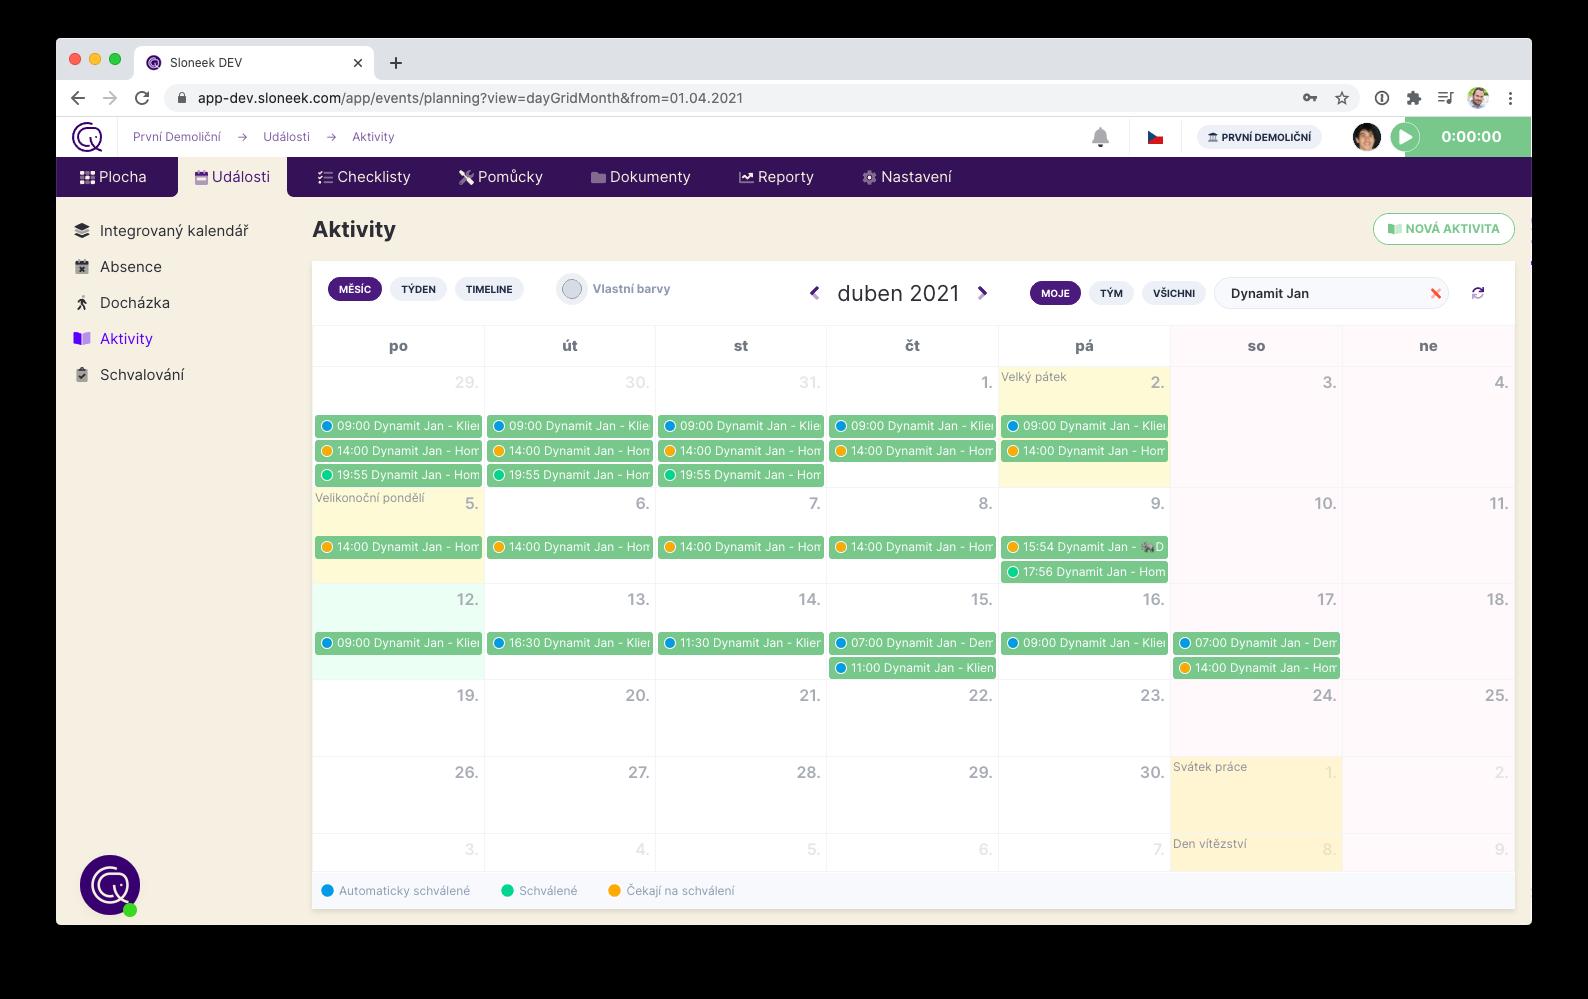 Kalendáře pro plánování aktivit